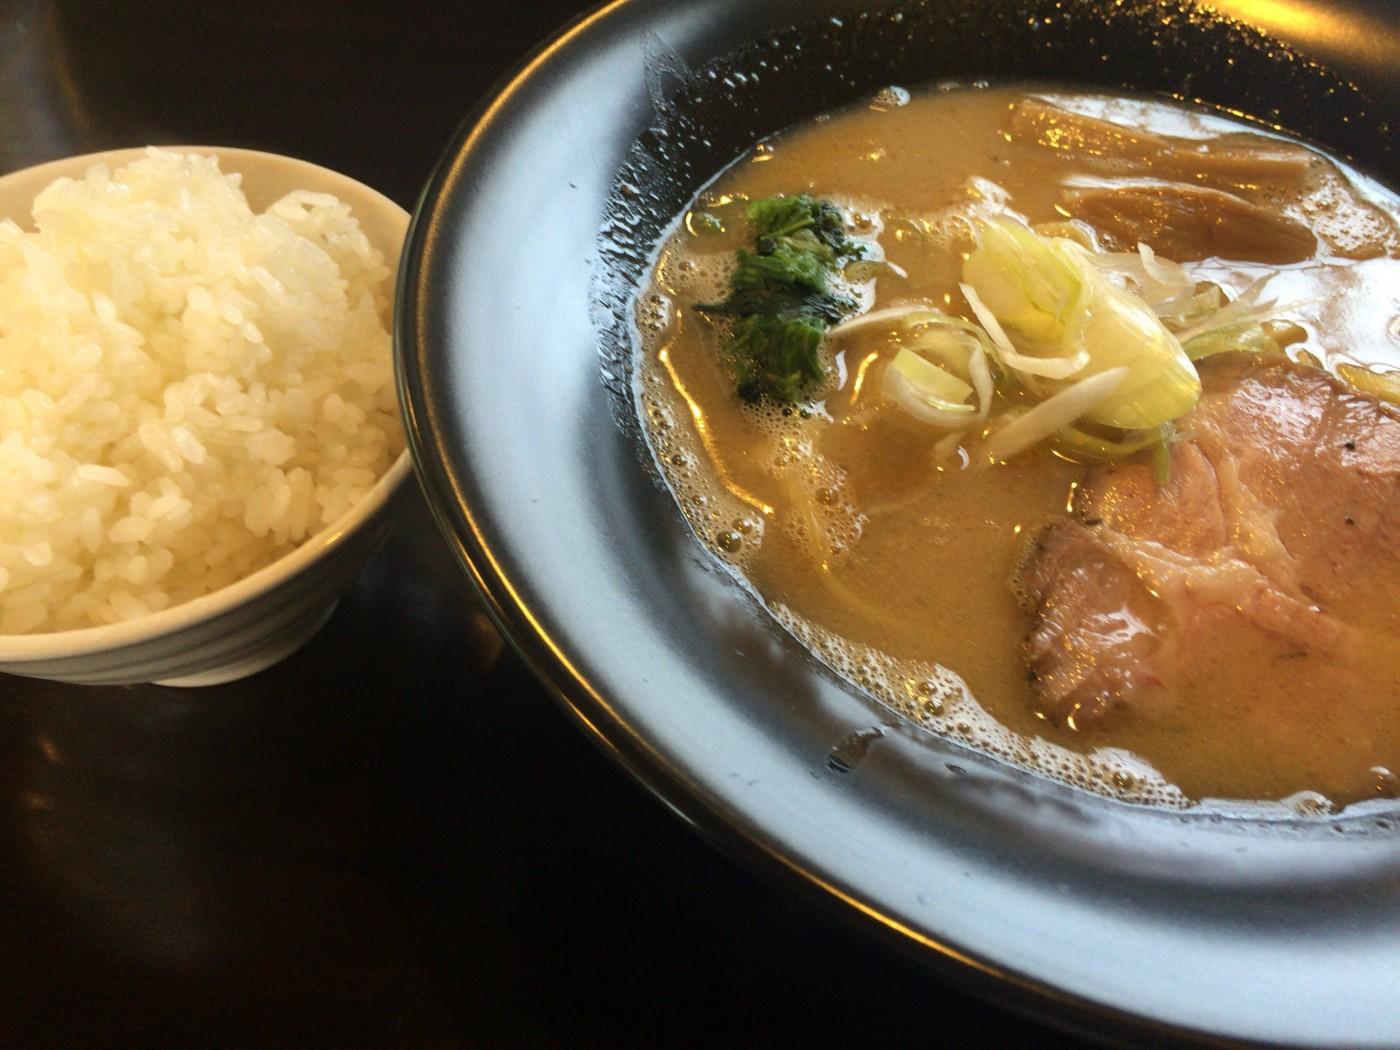 鶏っぷ - 煮干白湯醤油